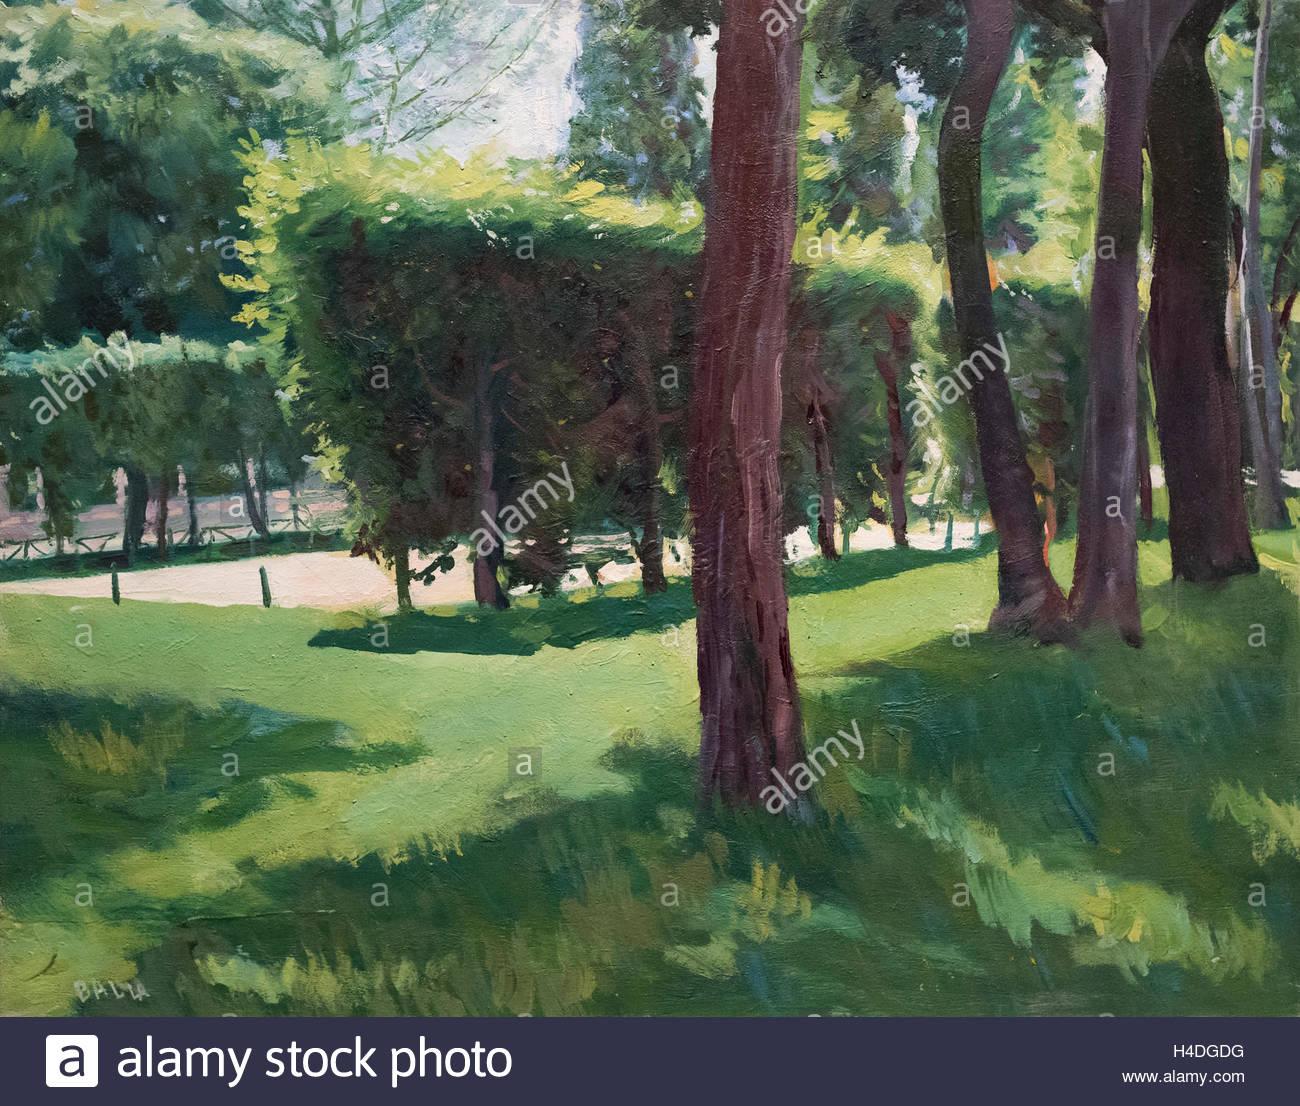 Giacomo Balla (1871-1958), Luce verde sole estivo, 1949. (Luce sul verde estivo) Green Light Summer Sun. - Stock Image